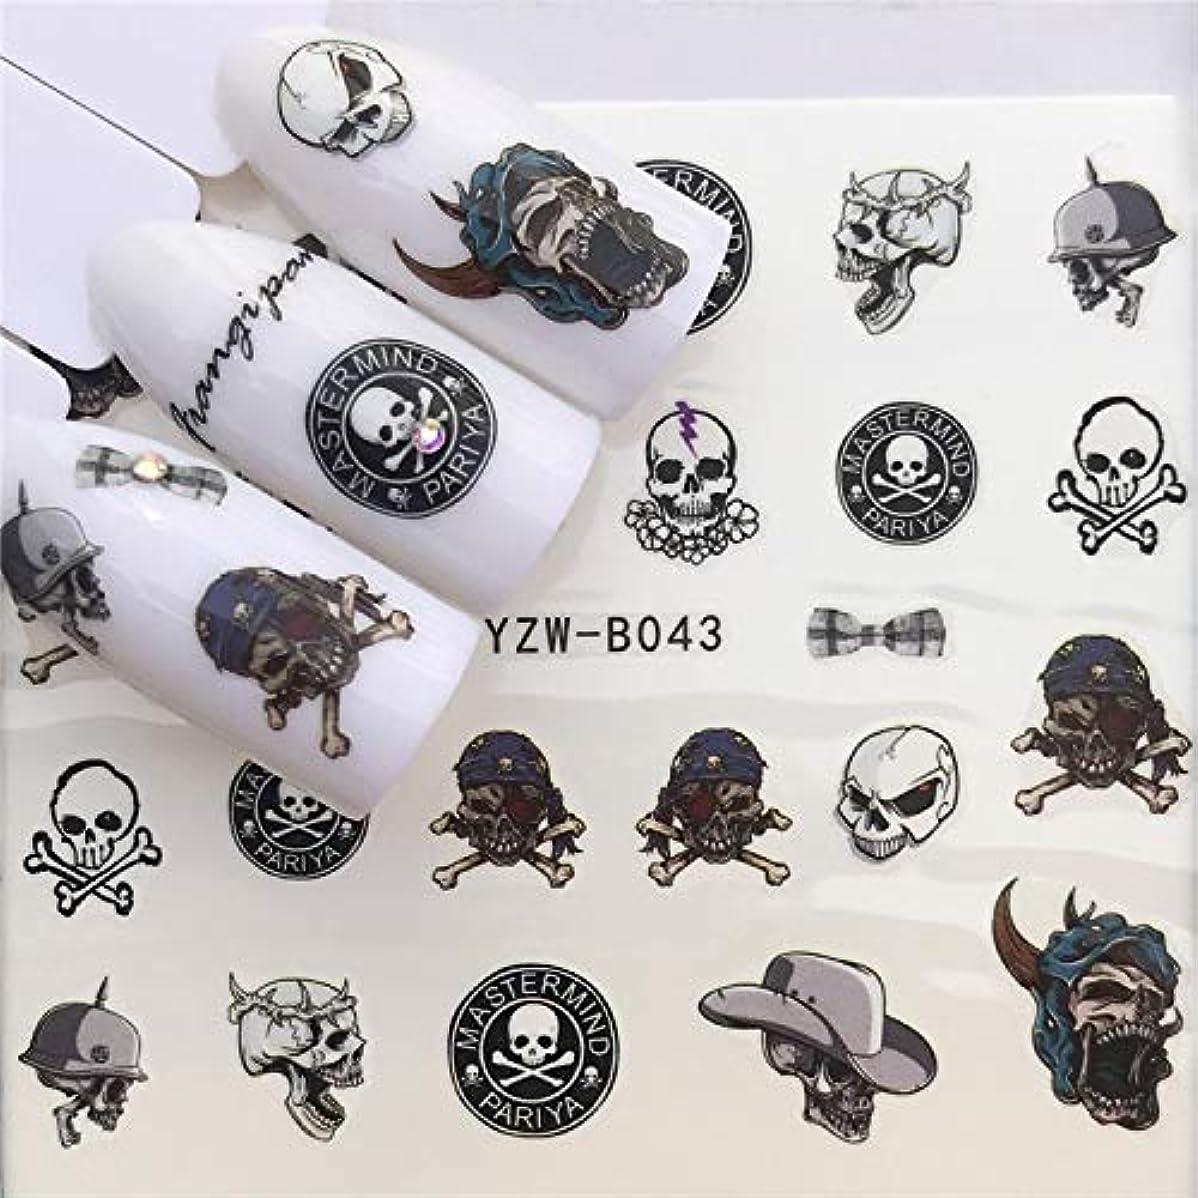 良いパンチインタラクションFlysea ネイルステッカー3 PCSネイルステッカーセットデカール水スライダーネイルズアート装飾、色転送:YZWB043を